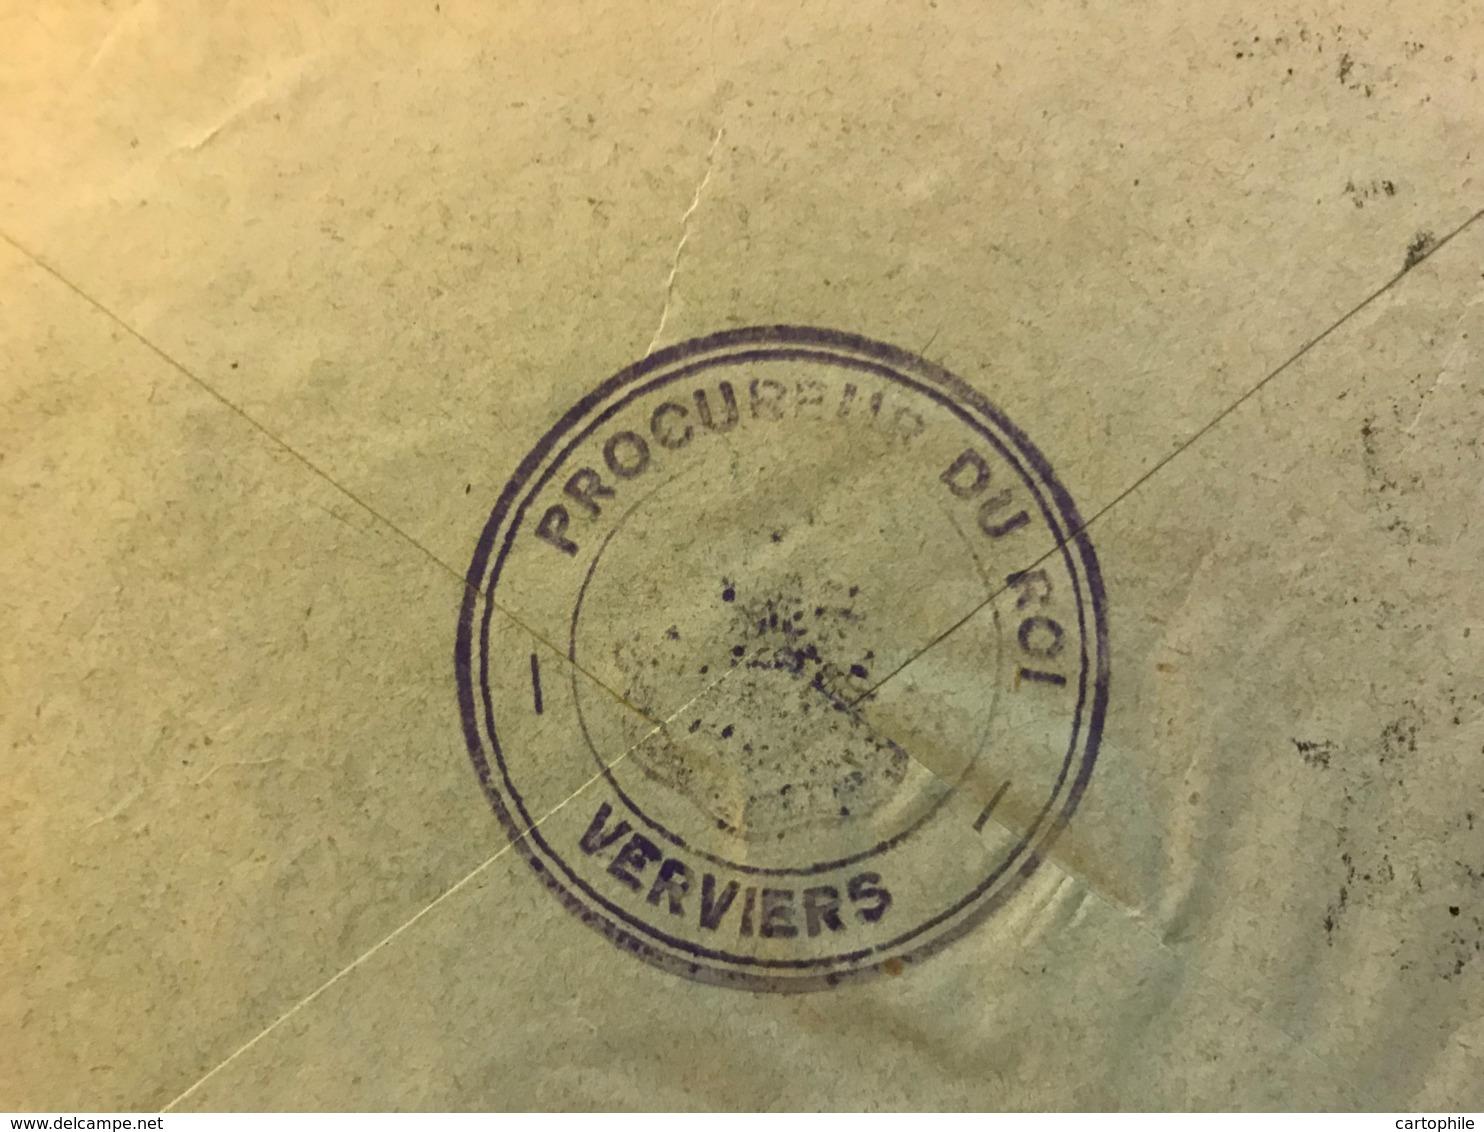 Enveloppe Du Ministere De La Justice à En-tête Du Parquet Du Procureur Du Roi à Verviers Avec Cachet Au Dos - Belgique